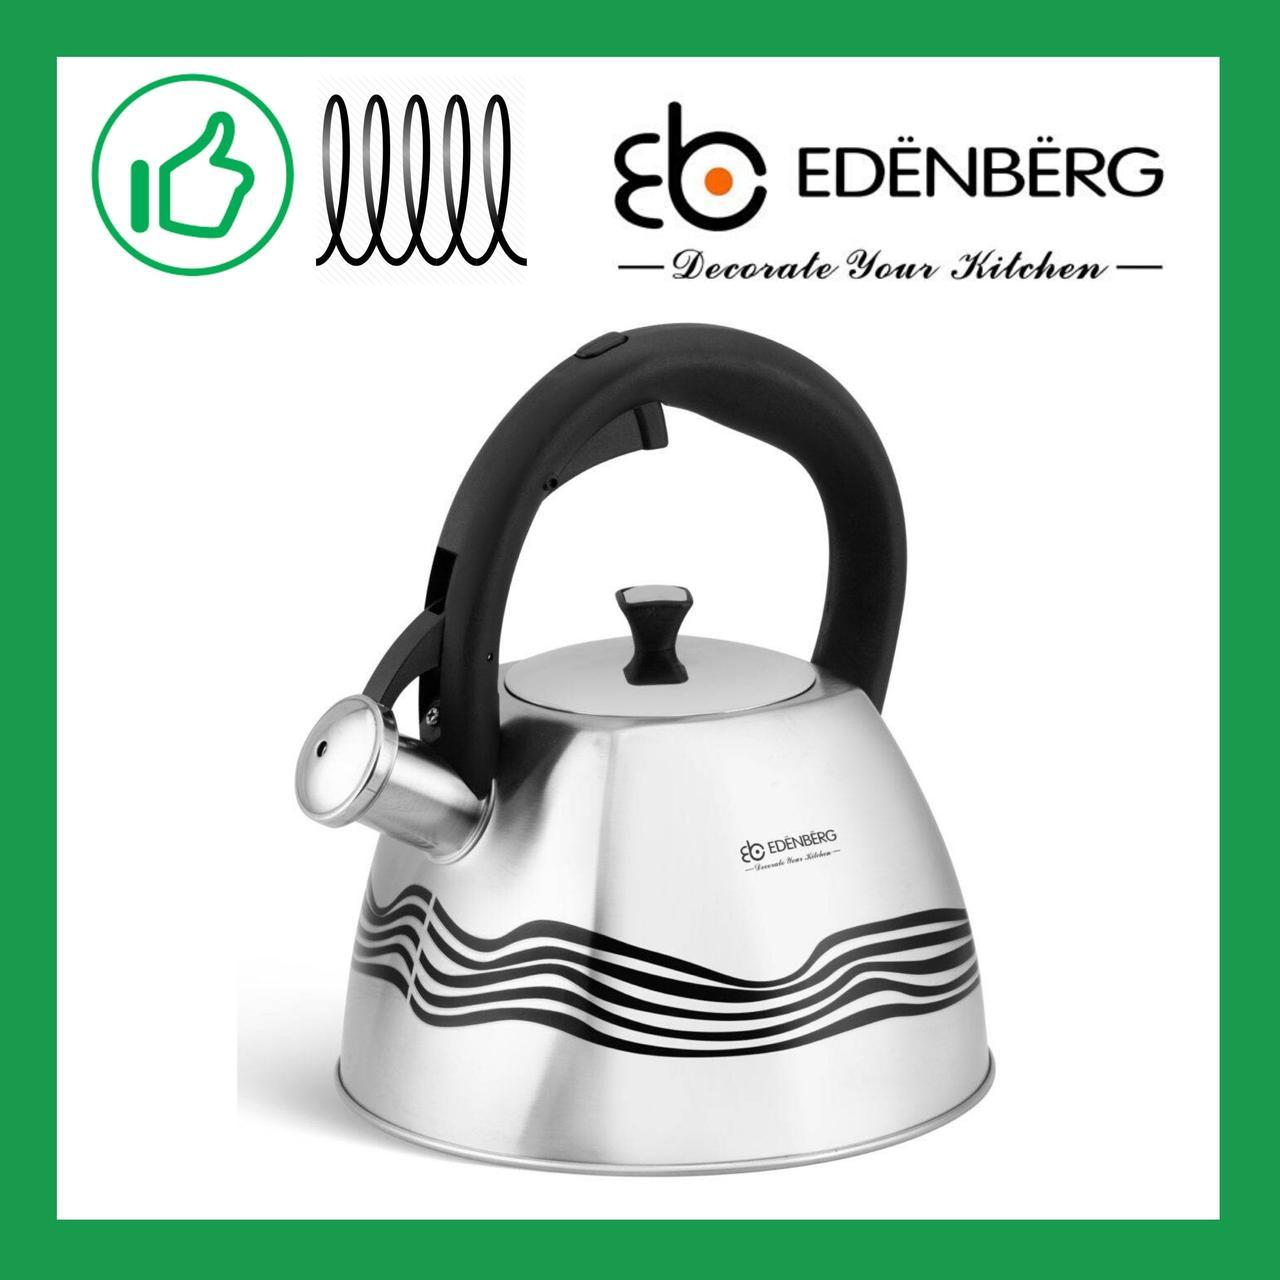 Чайник из нержавеющей стали со свистком Edenberg 3.0 л (EB-3542)